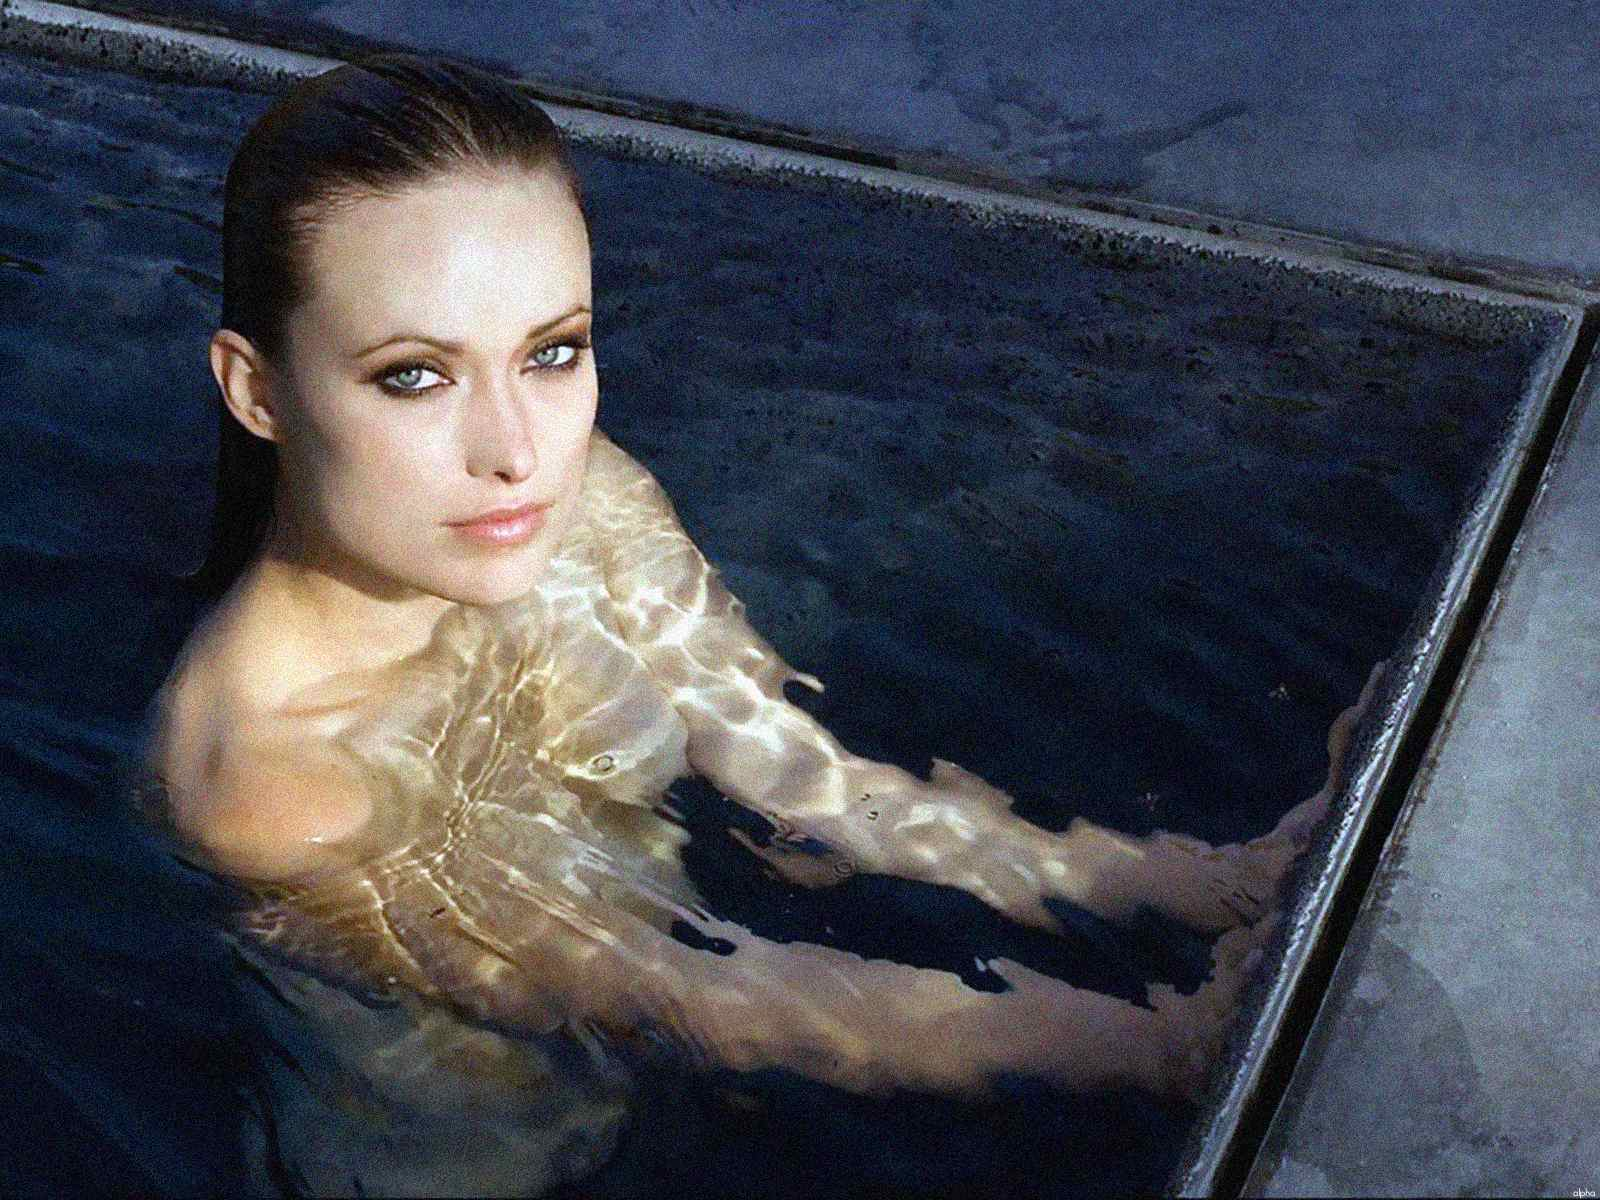 http://2.bp.blogspot.com/-GnLypSjFbis/TXS8L7RcRYI/AAAAAAAAGmc/FXfqzDlGIrw/s1600/celebskin_olivia_wilde_topless_wet_wallpaper.jpg